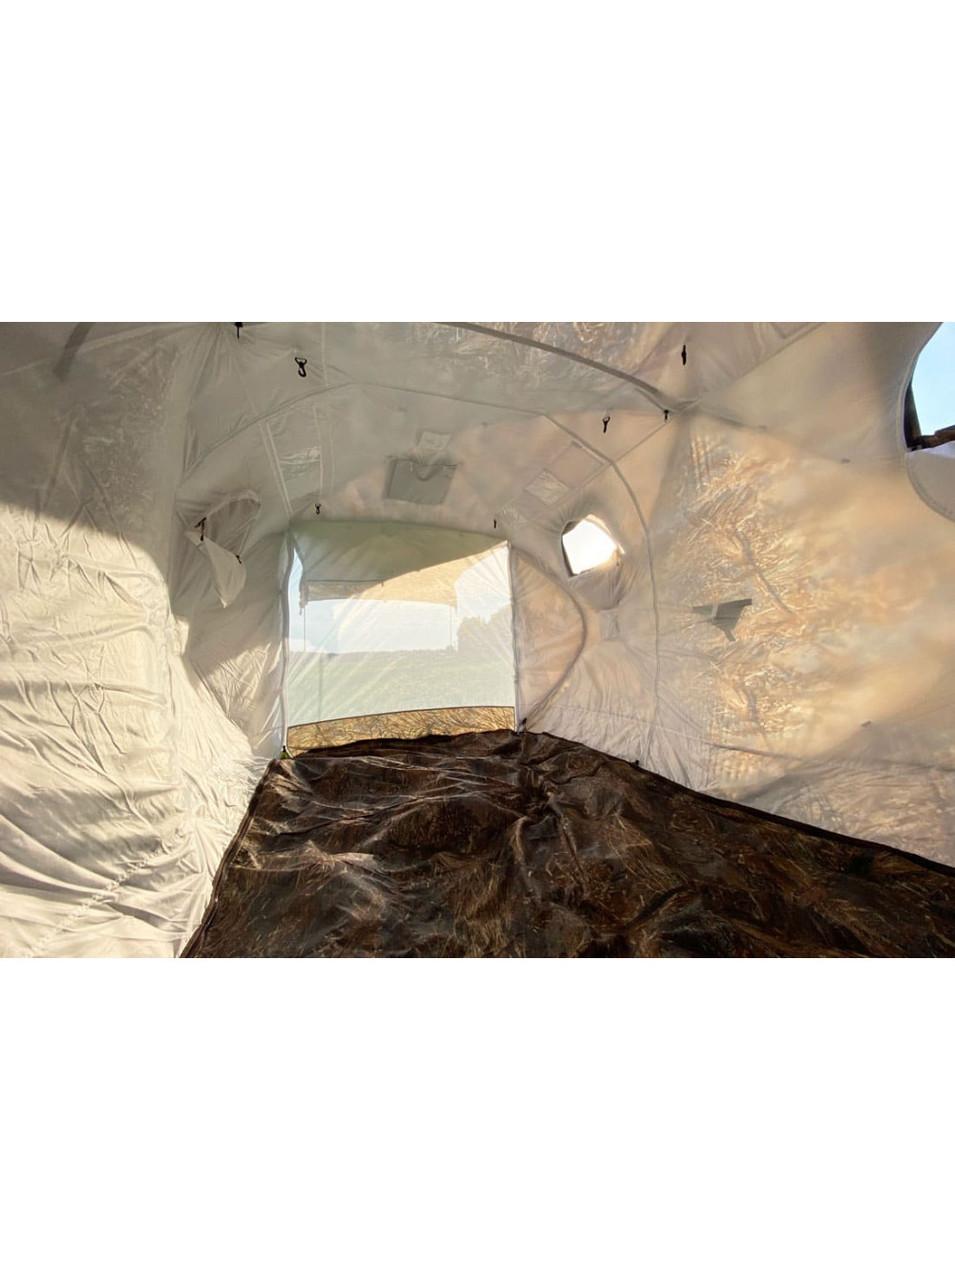 Палатка всесезонная Берег Кубоид 3.60 двухслойная, непромокаемый пол из ПВХ размер 3,6 x 1,8 x 1,9 м - фото 5